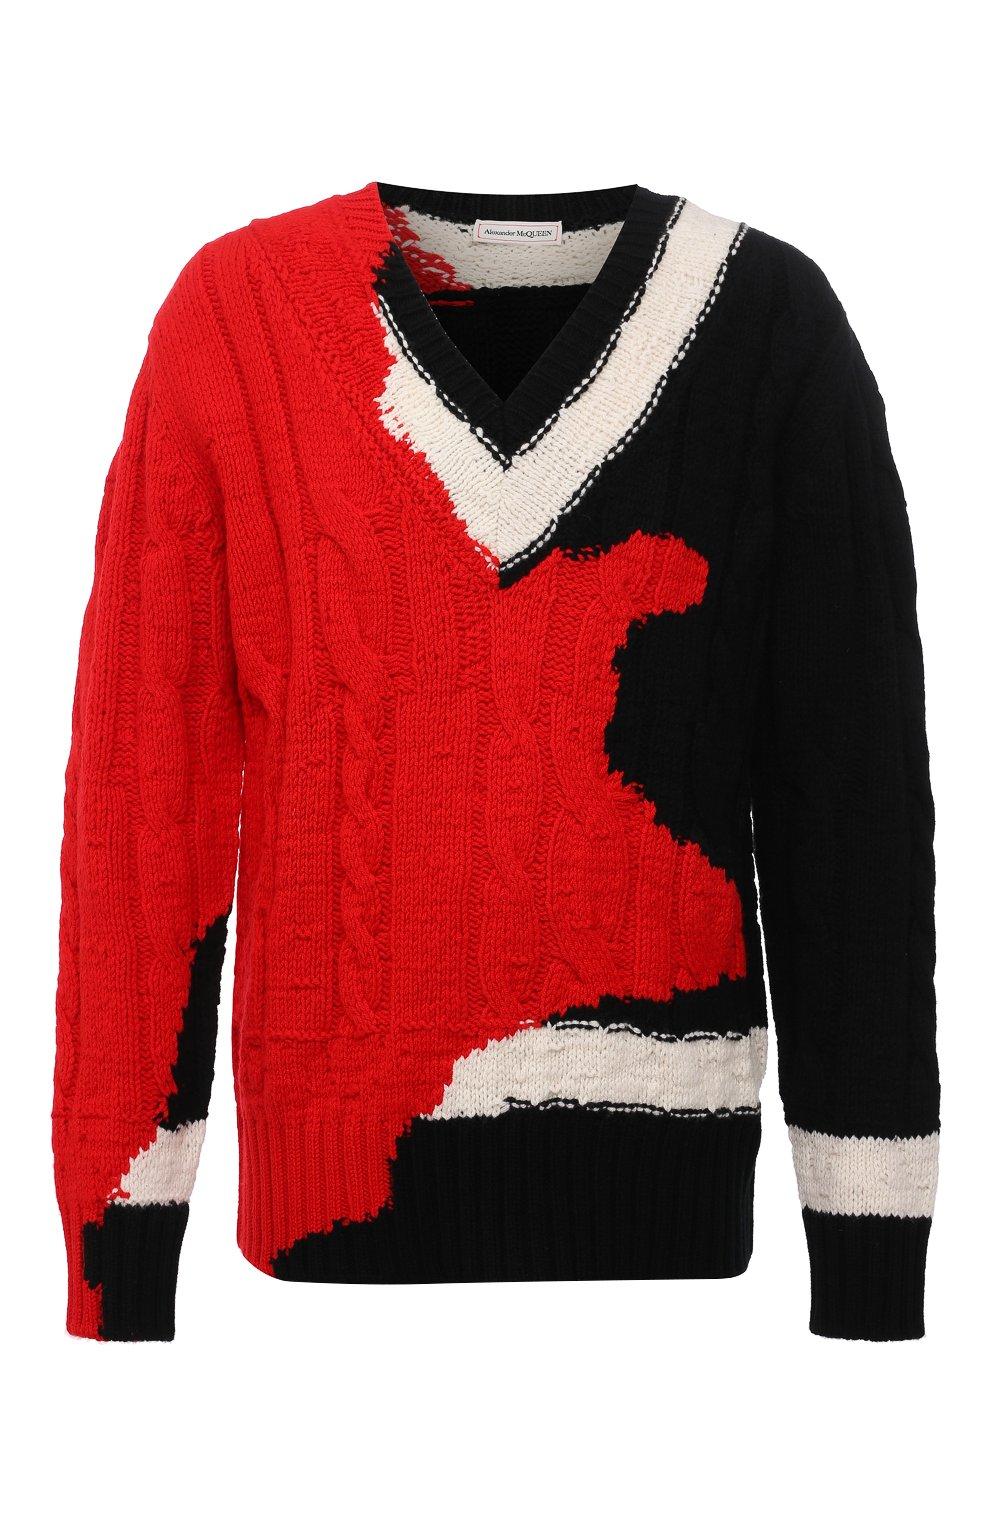 Мужской шерстяной свитер ALEXANDER MCQUEEN разноцветного цвета, арт. 651177/Q1ATN | Фото 1 (Материал внешний: Шерсть; Рукава: Длинные; Длина (для топов): Стандартные; Стили: Гранж; Принт: С принтом; Мужское Кросс-КТ: Свитер-одежда)